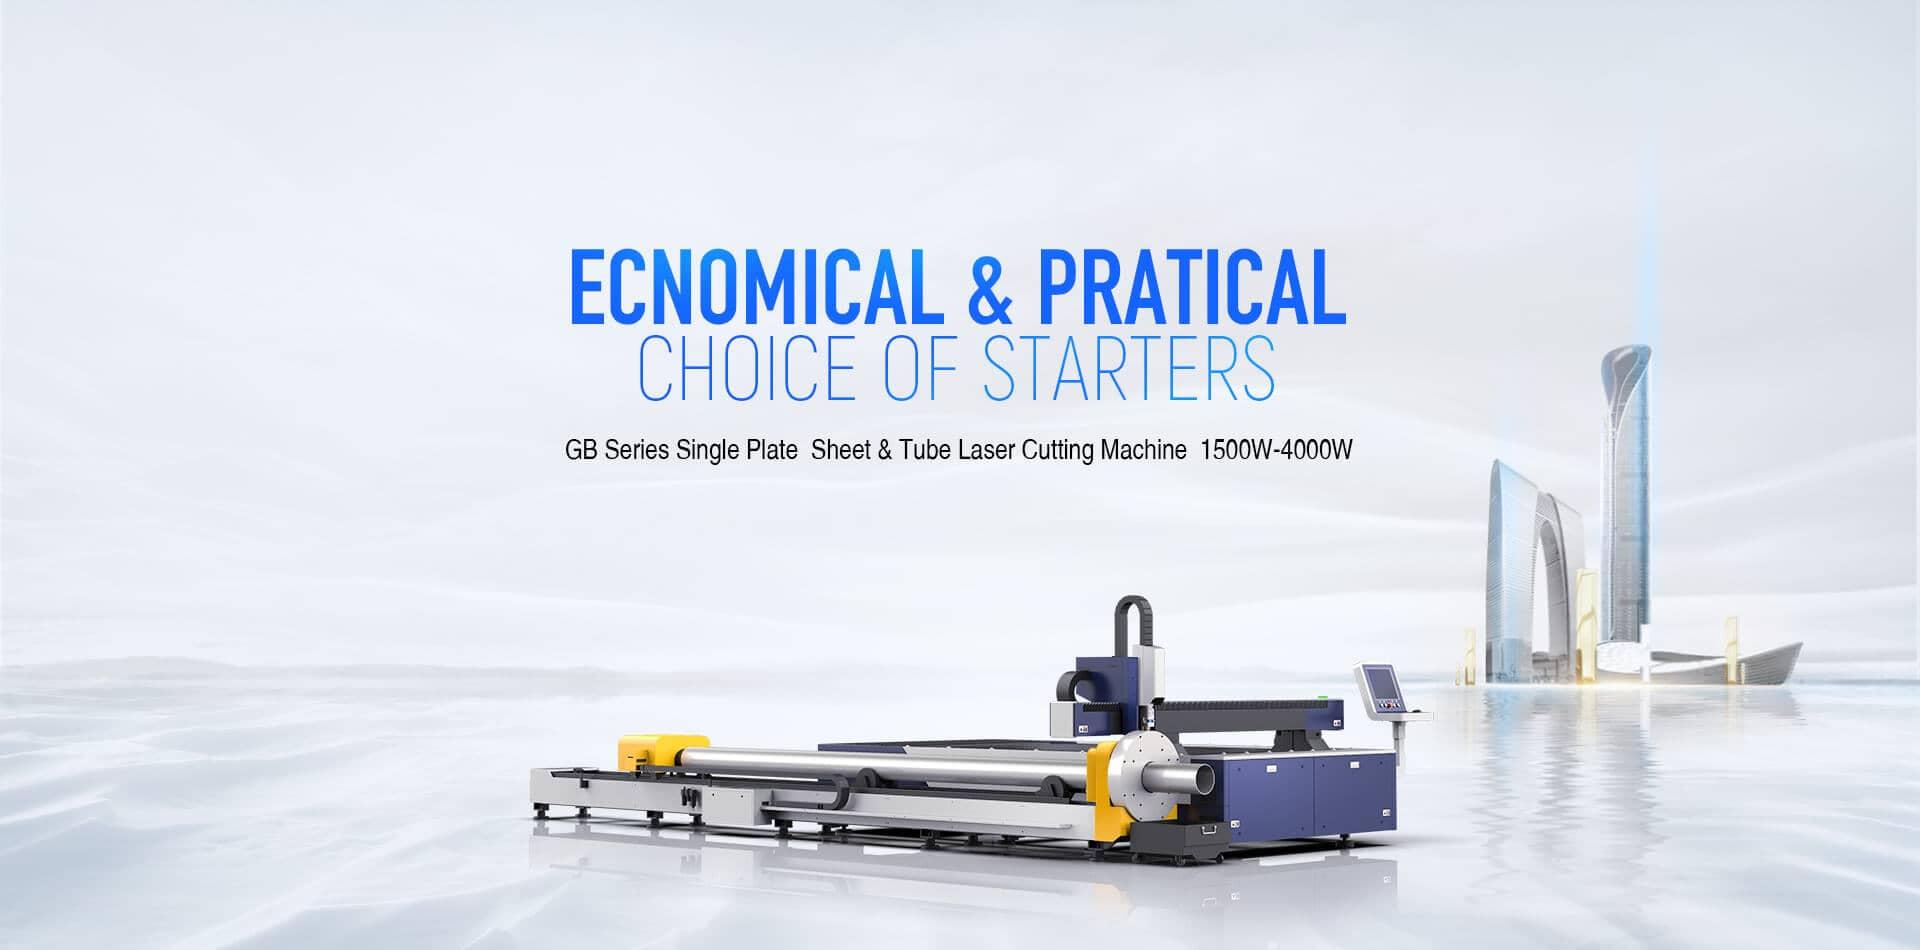 GB Series Single Platform Sheet & Tube Laser Cutting Machine